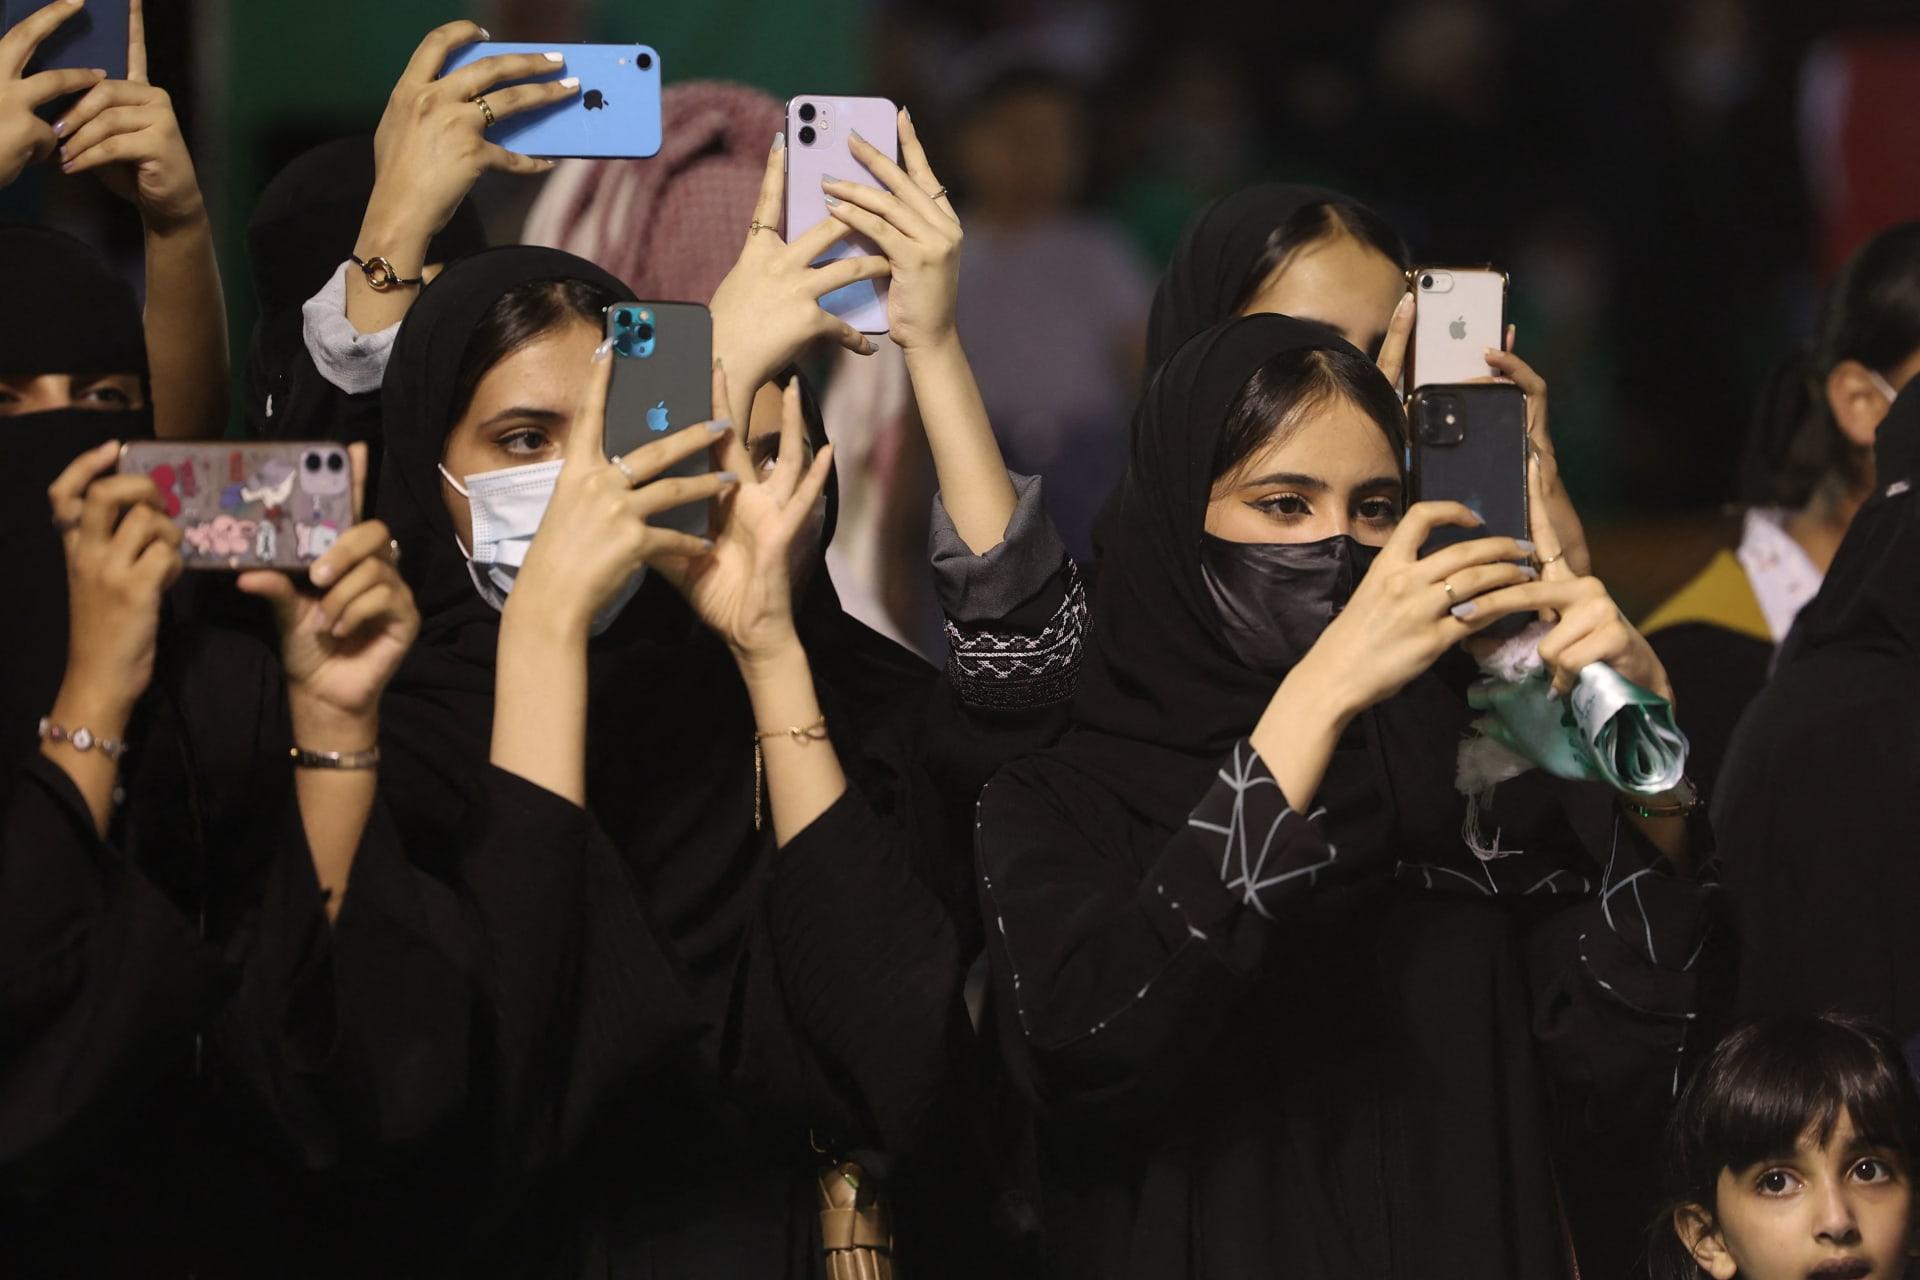 سعوديون يلتقطون صورًا لاستعراض عسكري بمناسبة العيد الوطني الـ 91 للسعودية في العاصمة الرياض - 23 سبتمبر 2021